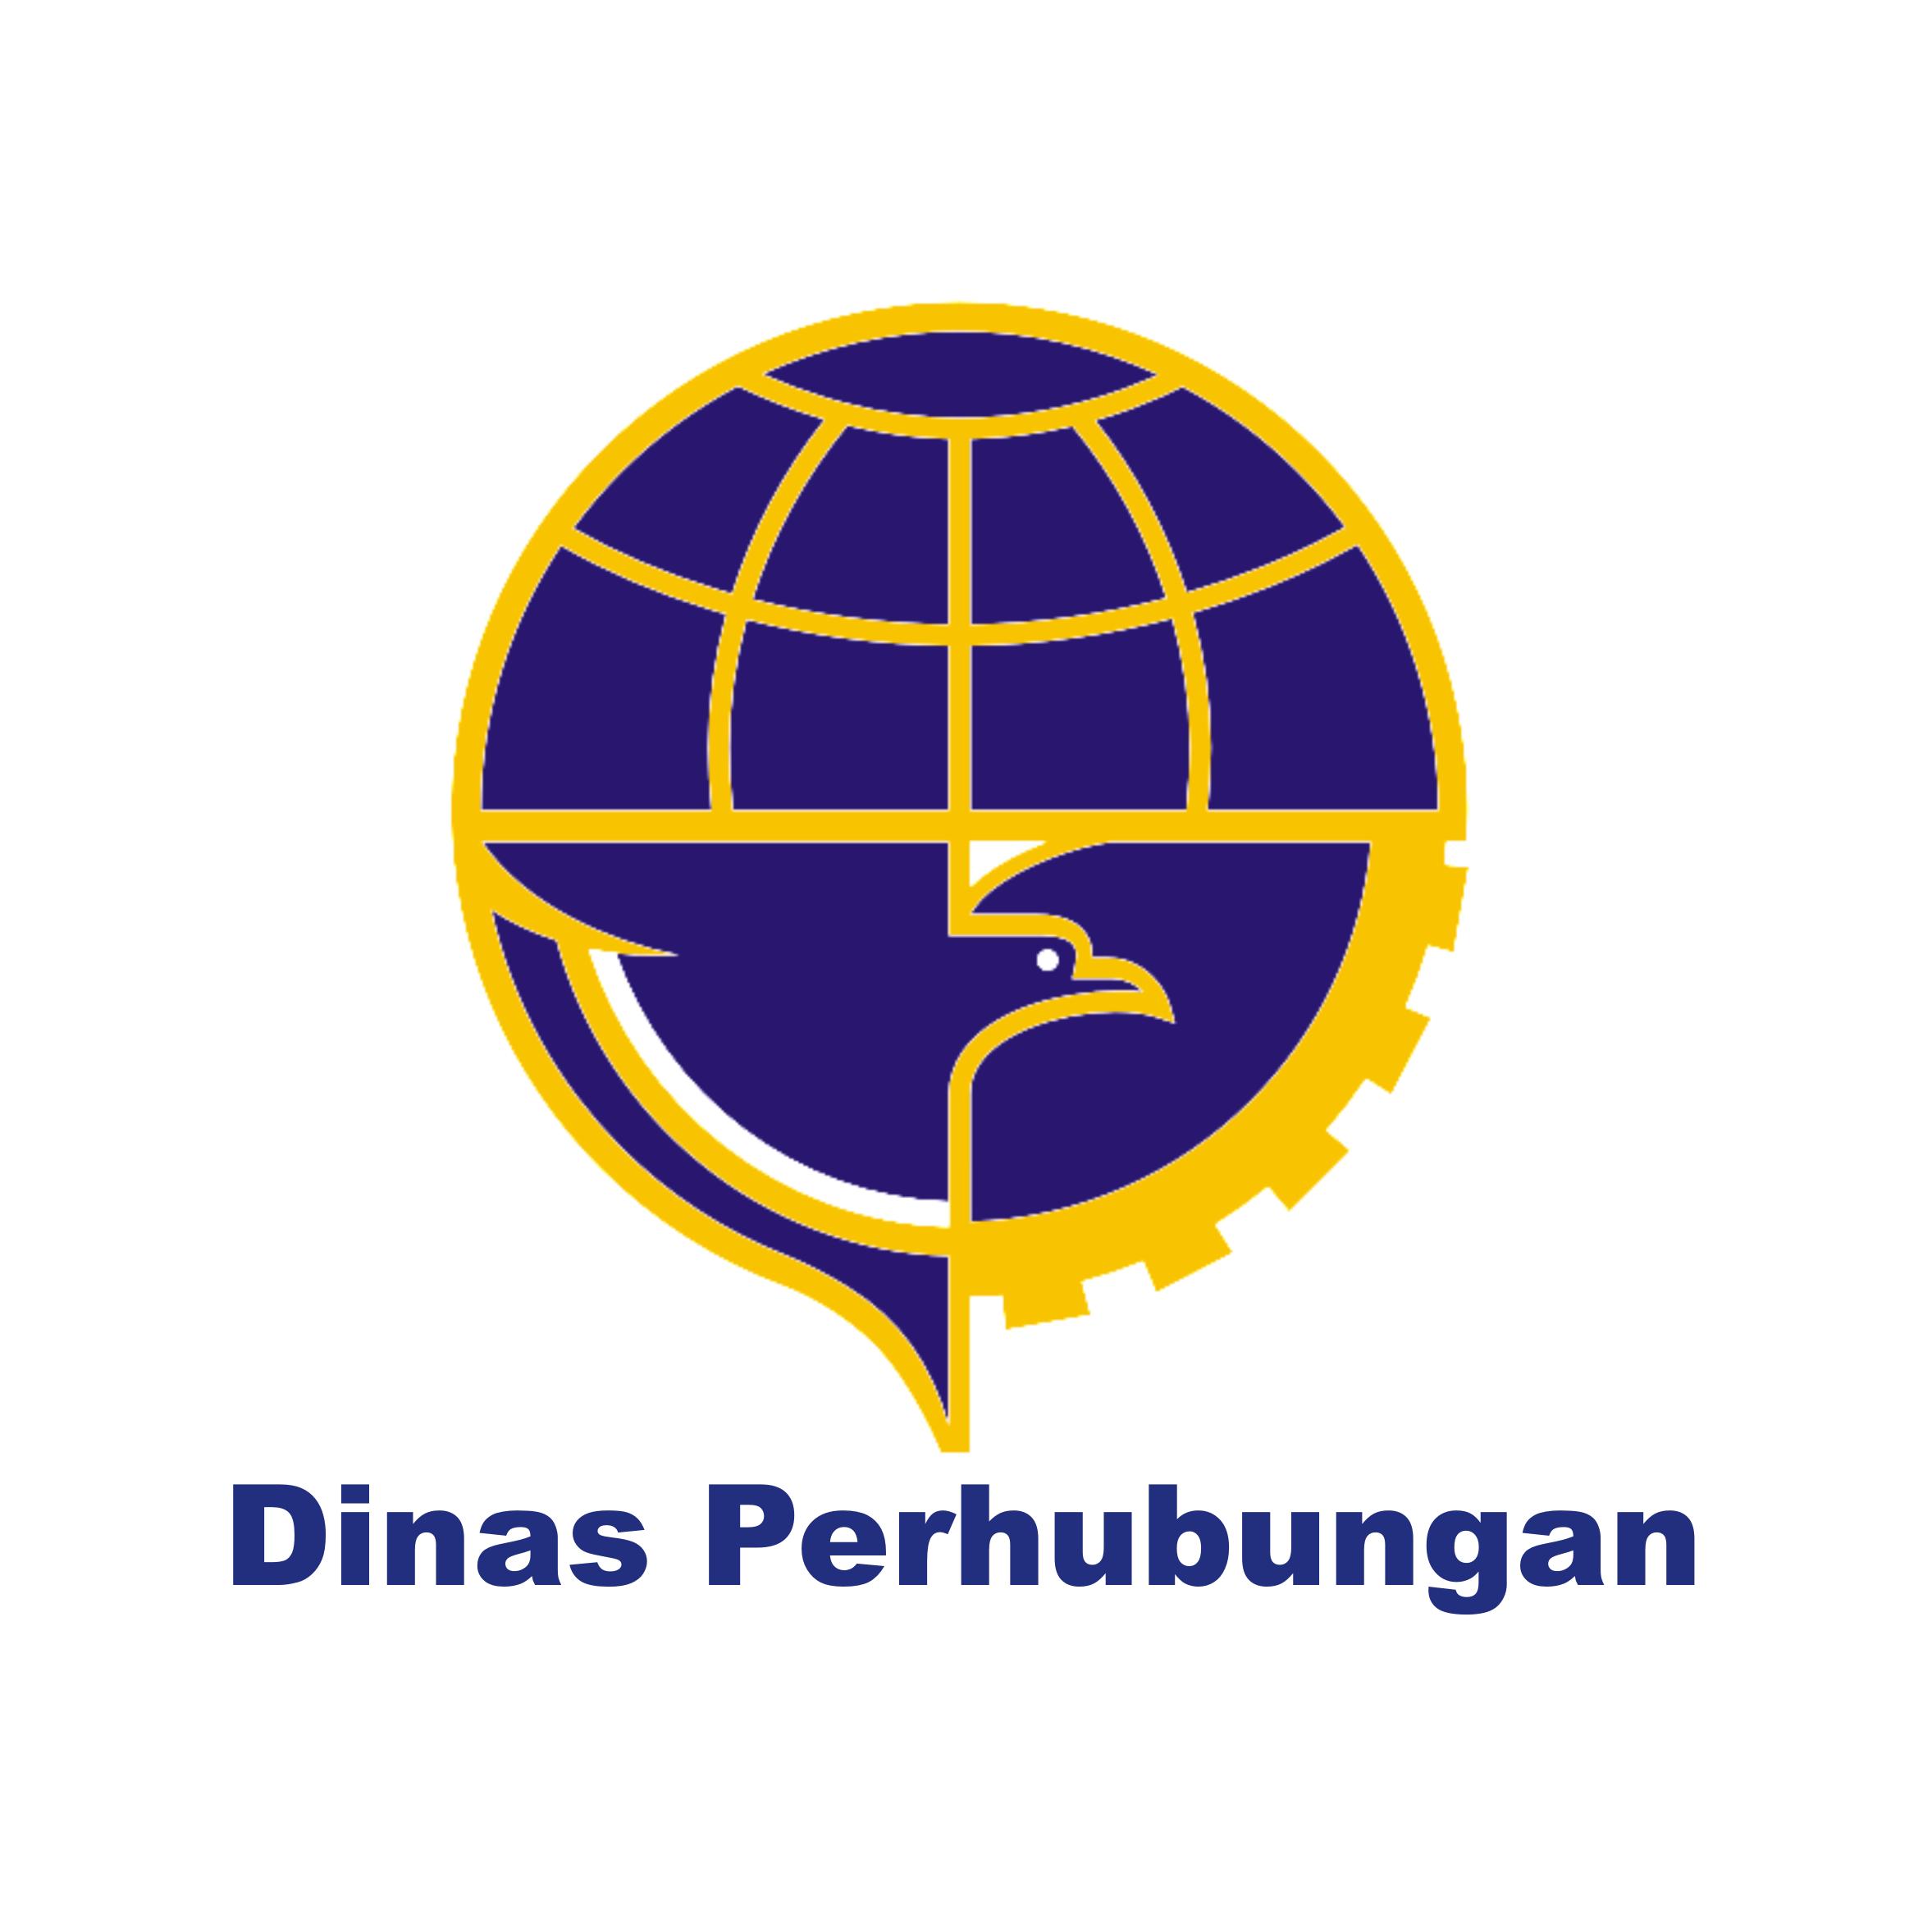 Logo Dinas Perhubungan